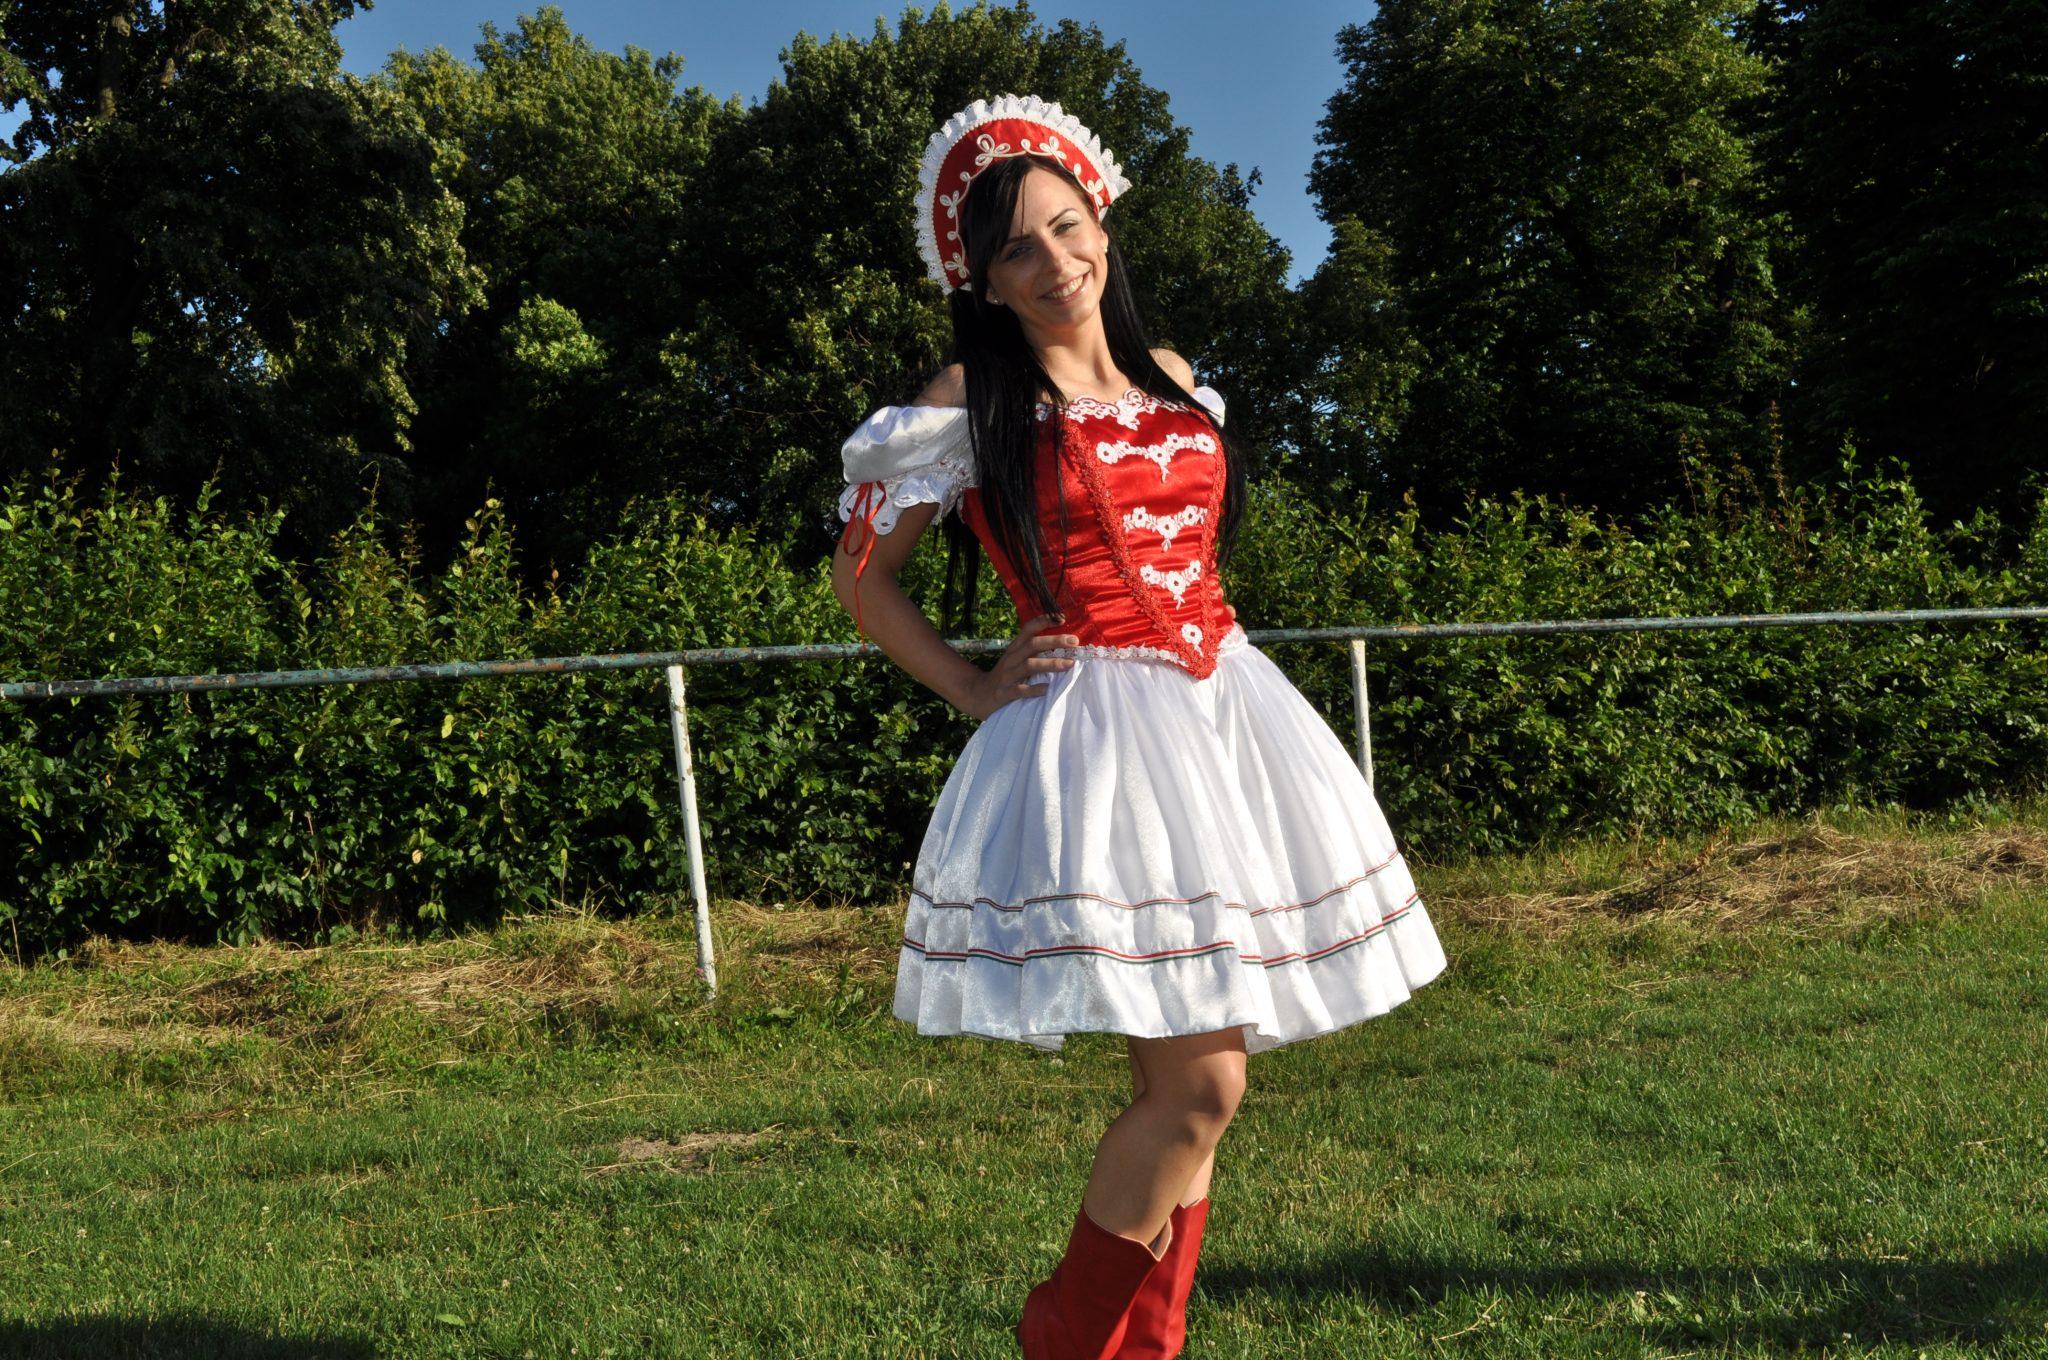 8a9d52e8515a Veľmi obľúbeným sa u nás stal kroj s vrstvenou trojradovou sukňou vo  farbách červená